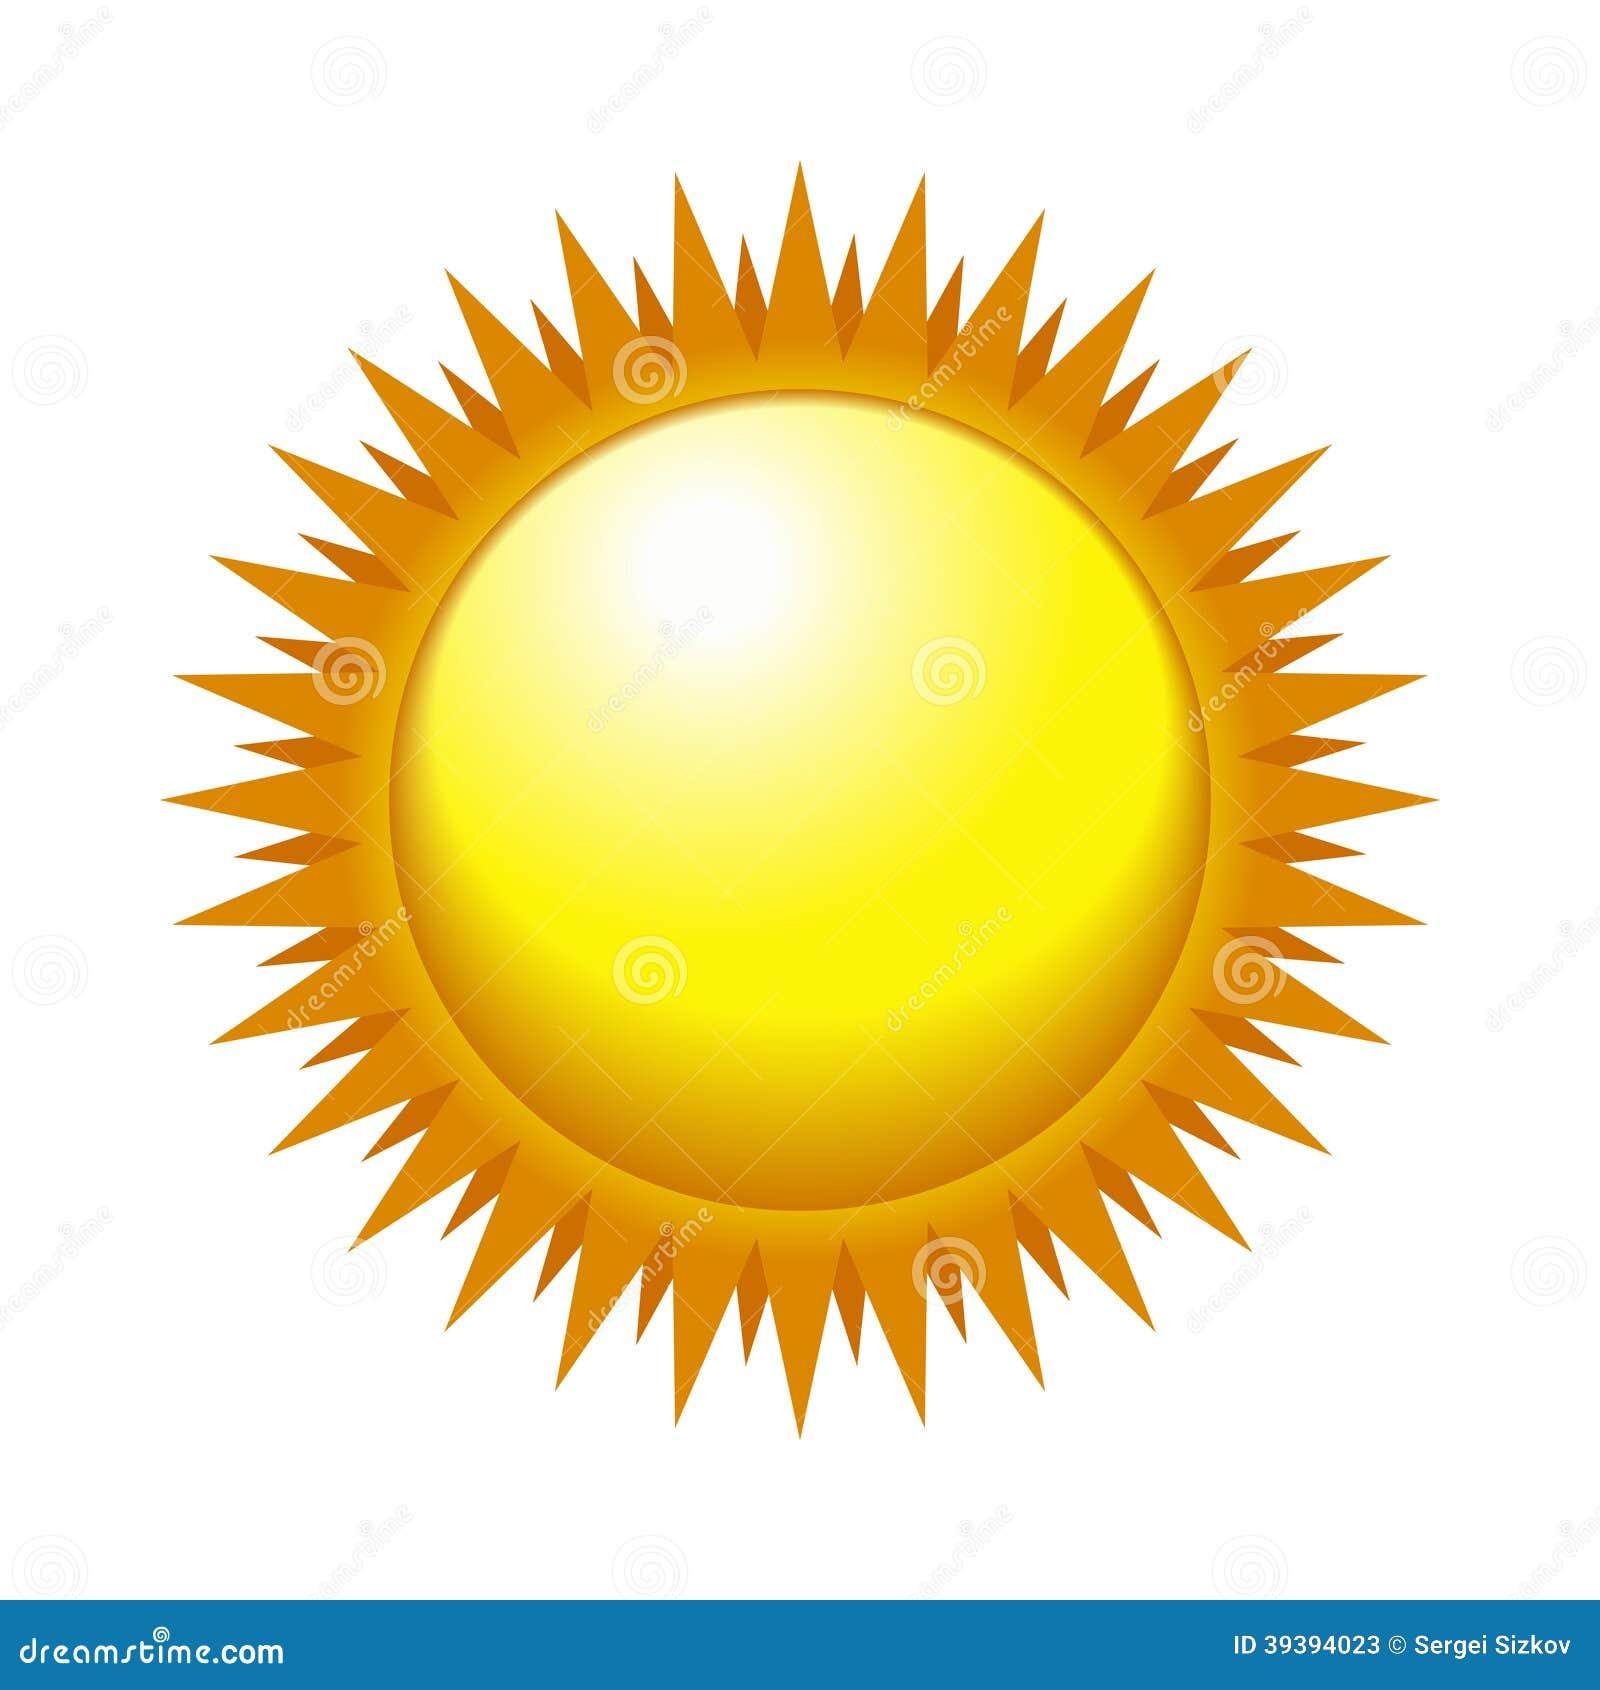 Λαμπρός ήλιος στον ελαφρύ ουρανό. Διάνυσμα